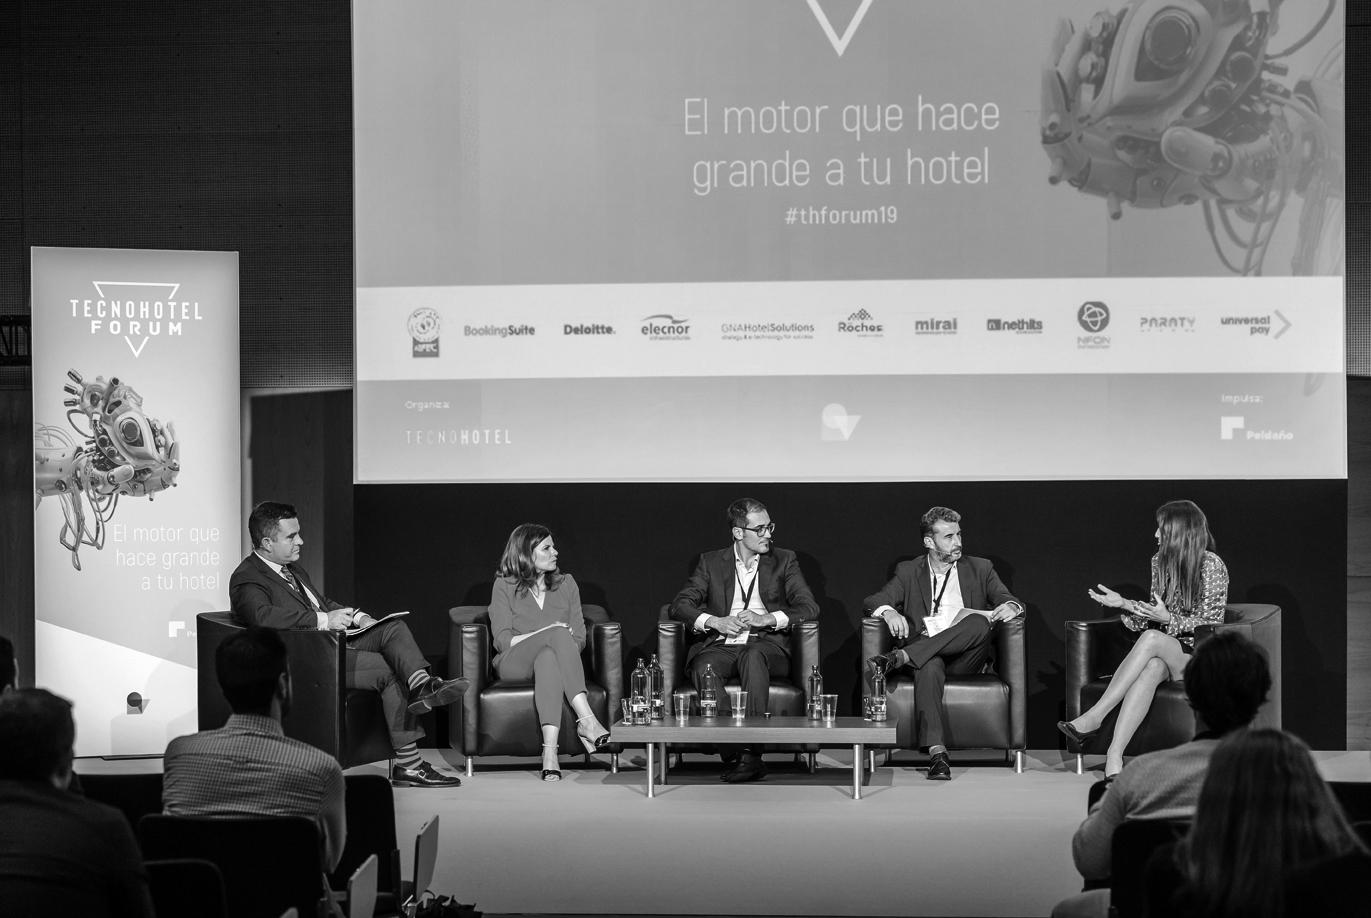 Sostenibilidad & Eficiencia, más allá del ahorro de costes. Debate TecnoHotel Forum